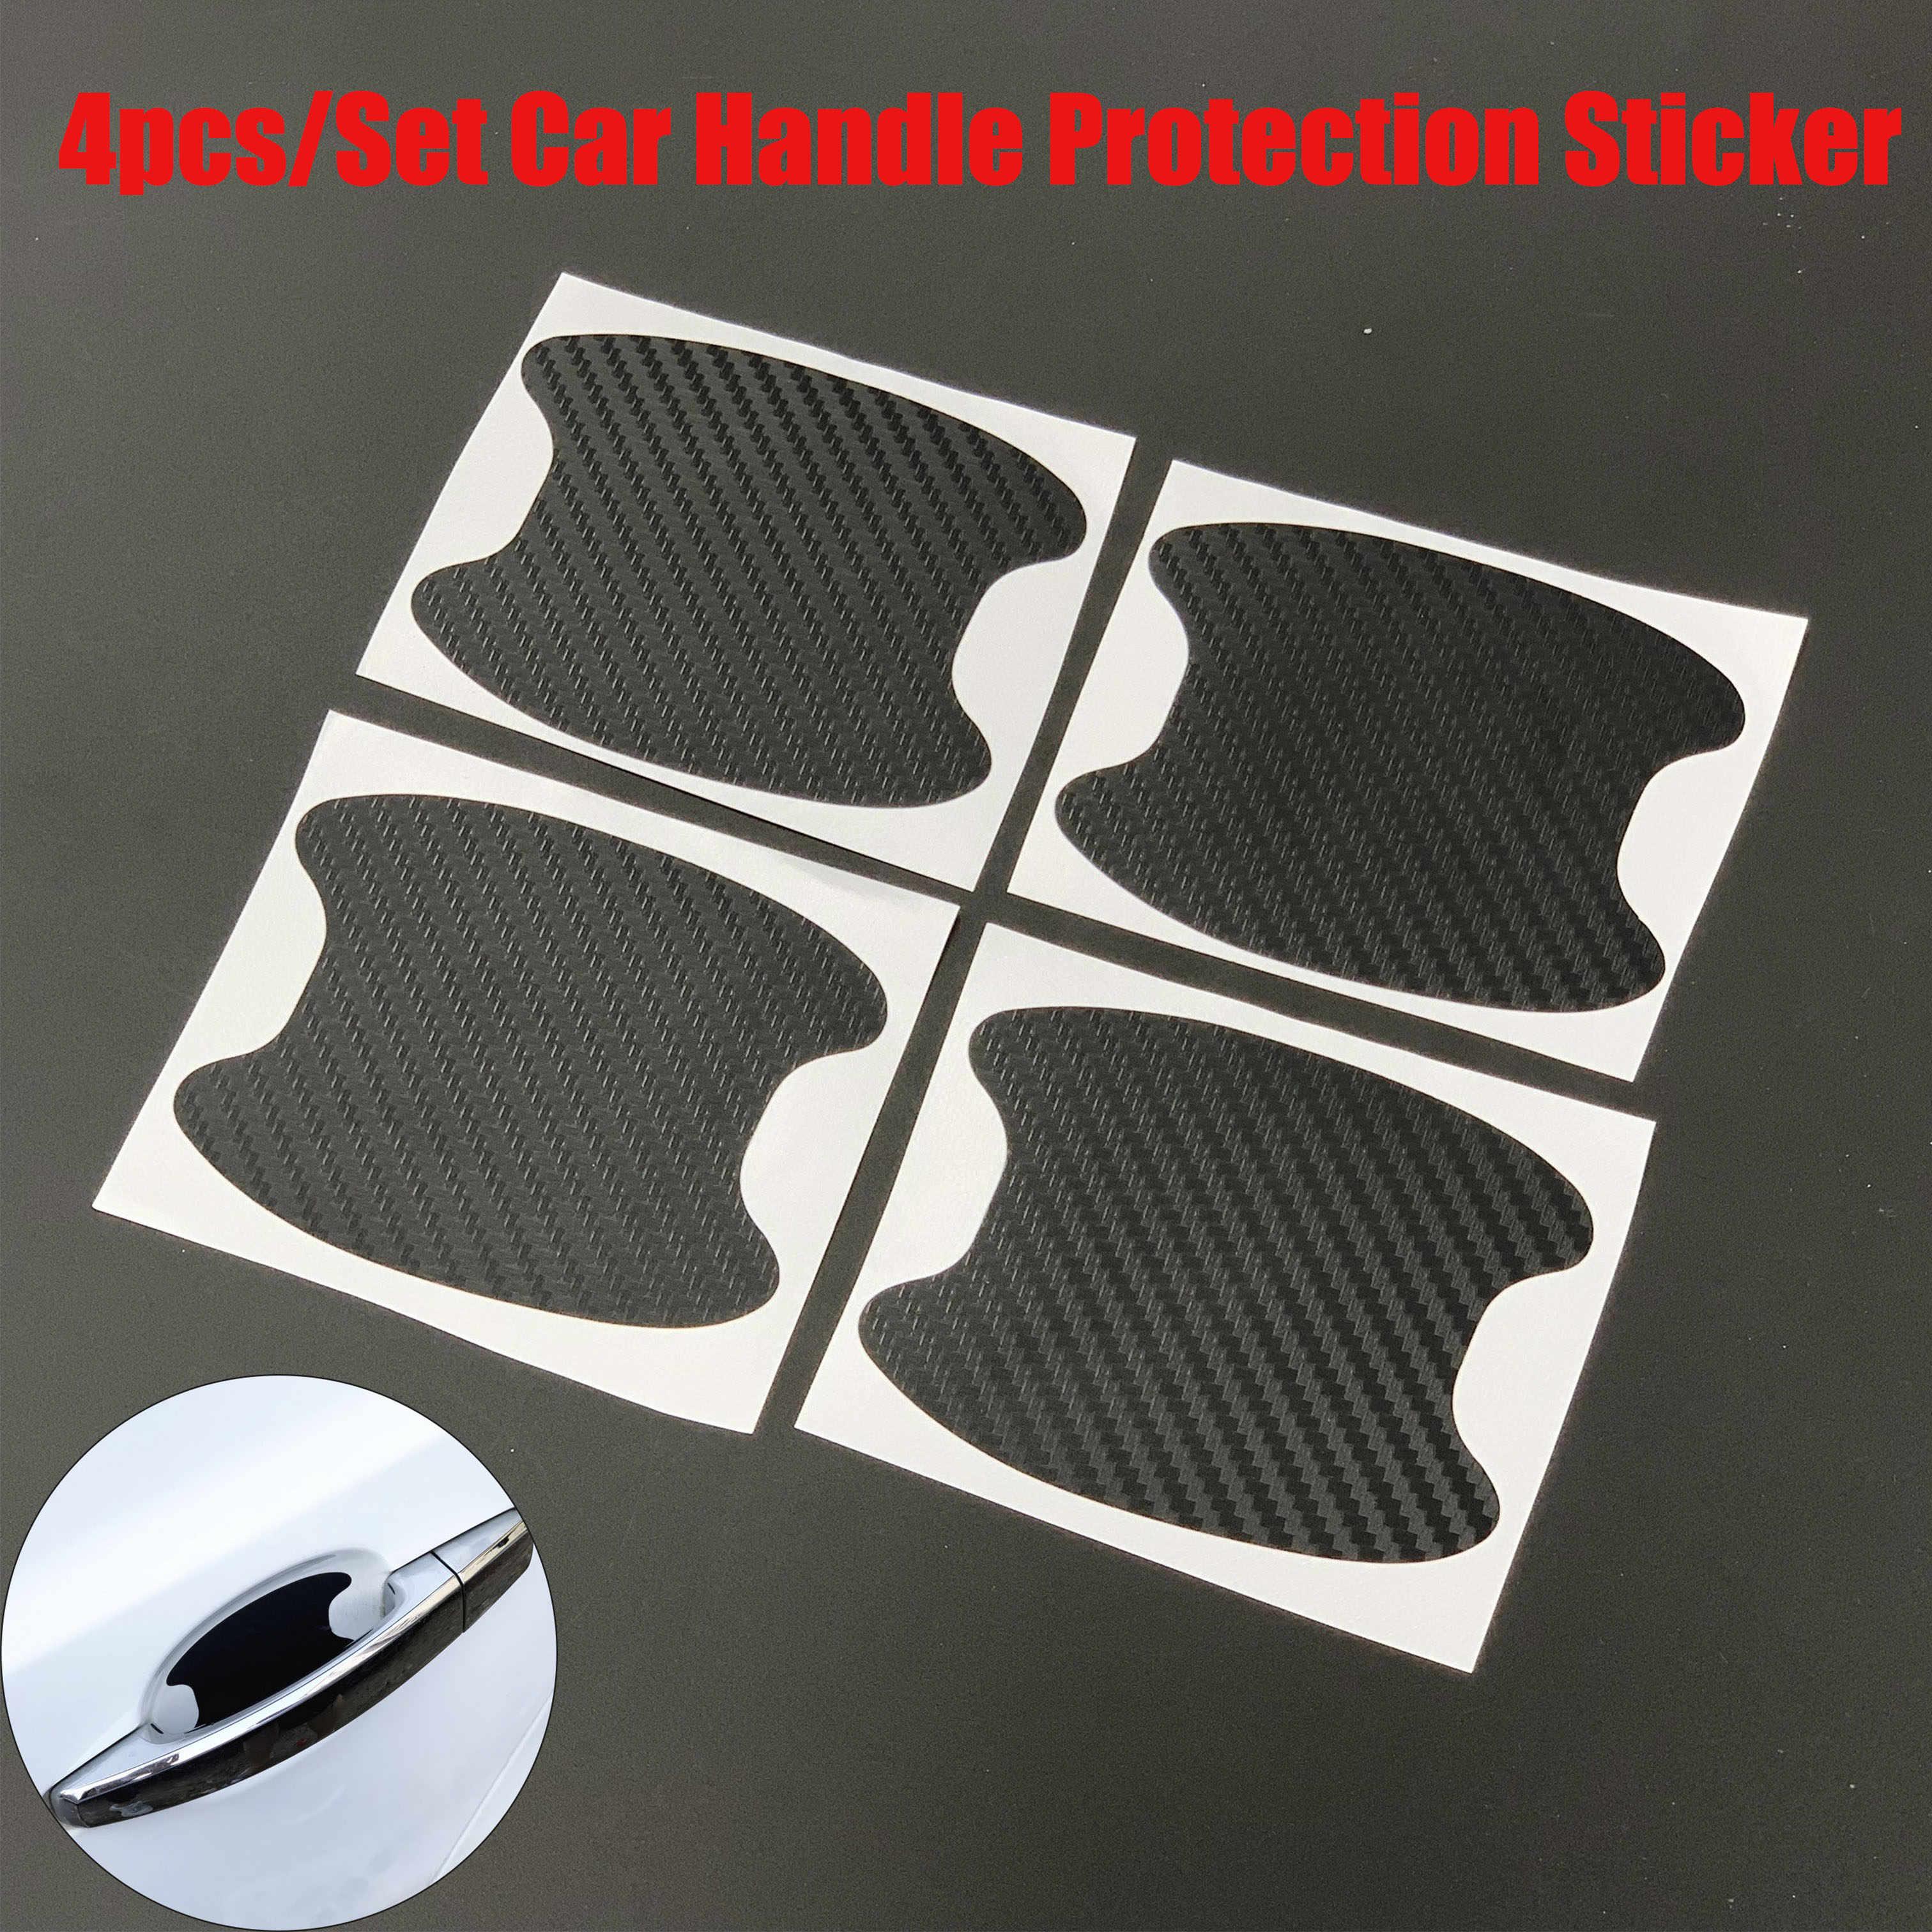 4pcs Auto Maniglia Della Porta Ciotola Protector Sticker per diagnostico di Fiat EVO Sedici Linea Bravo FCC4 Viaggio Coroma Ottimo Uno